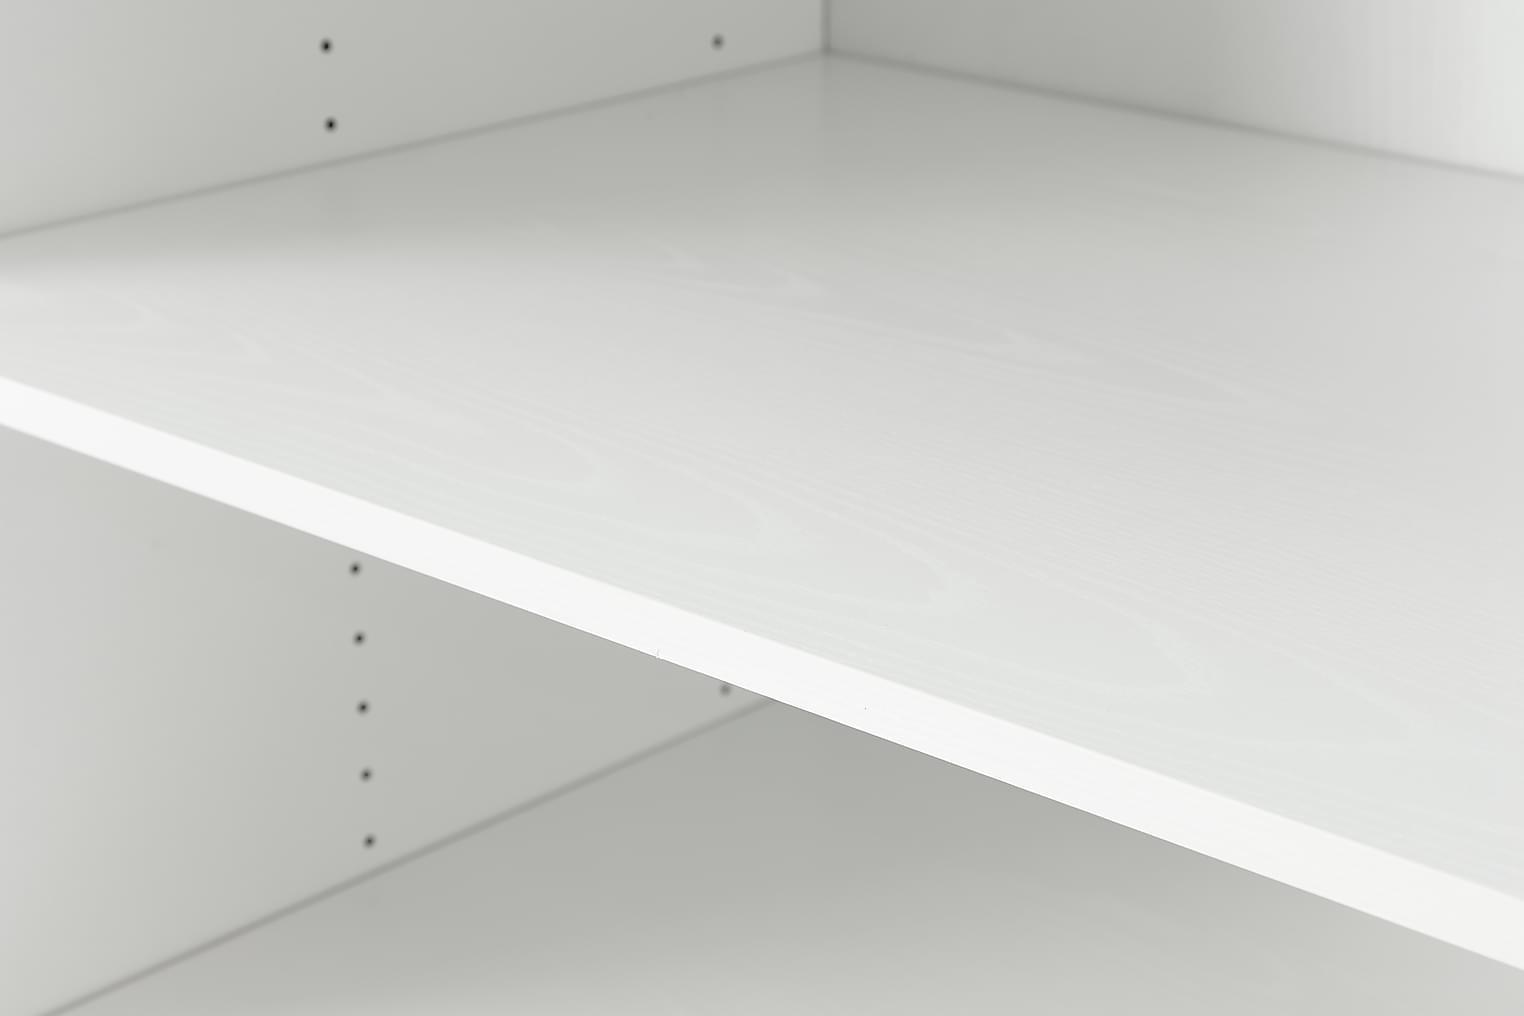 FLEX Hylly 8-pakkaus 80 Valkoinen